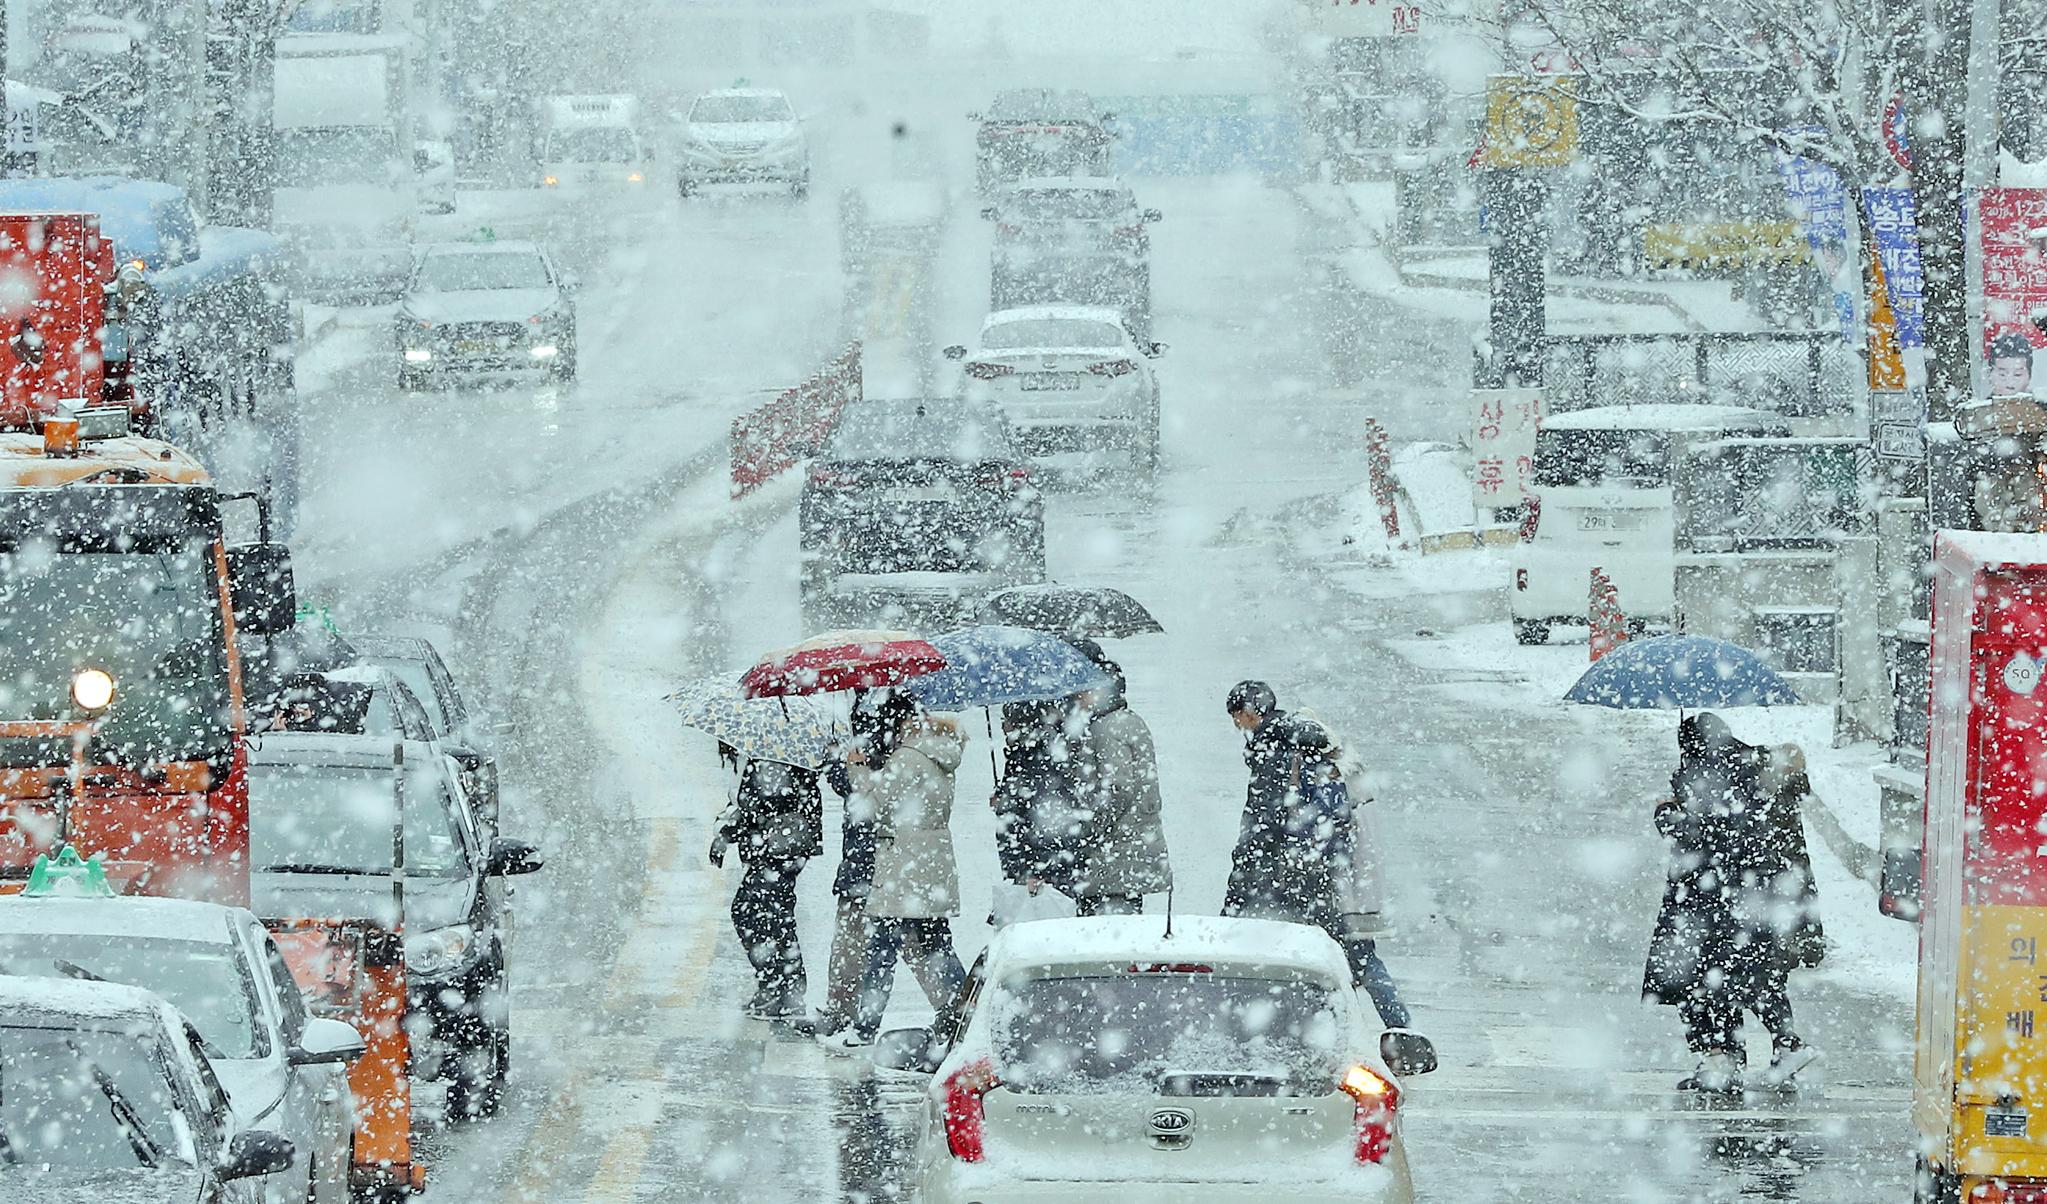 지난 11일 강원 춘천 도심 중앙로 거리에 많은 눈이 내려 차량들이 서행을 하고 있다. [연합뉴스]